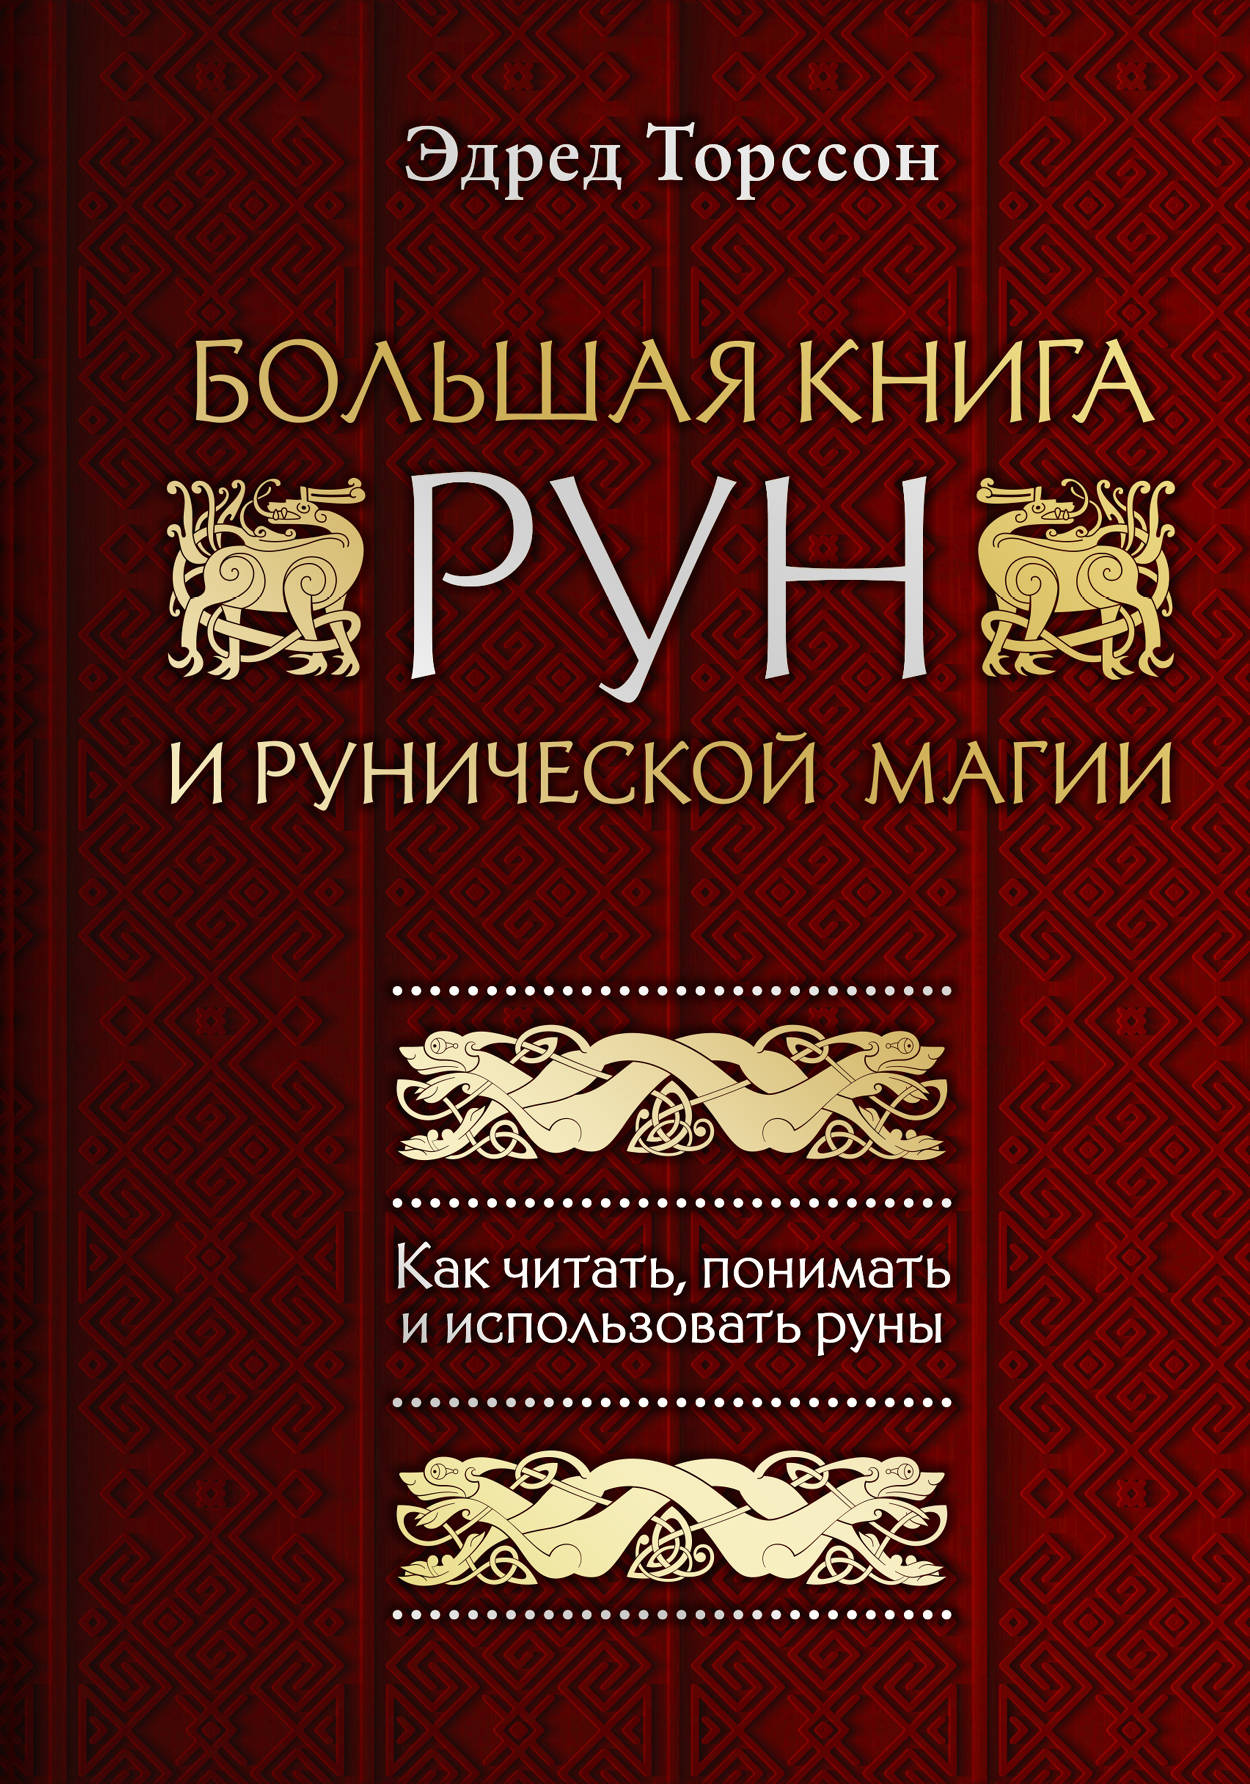 Большая книга рун и рунической магии. Как читать, понимать и использовать руны